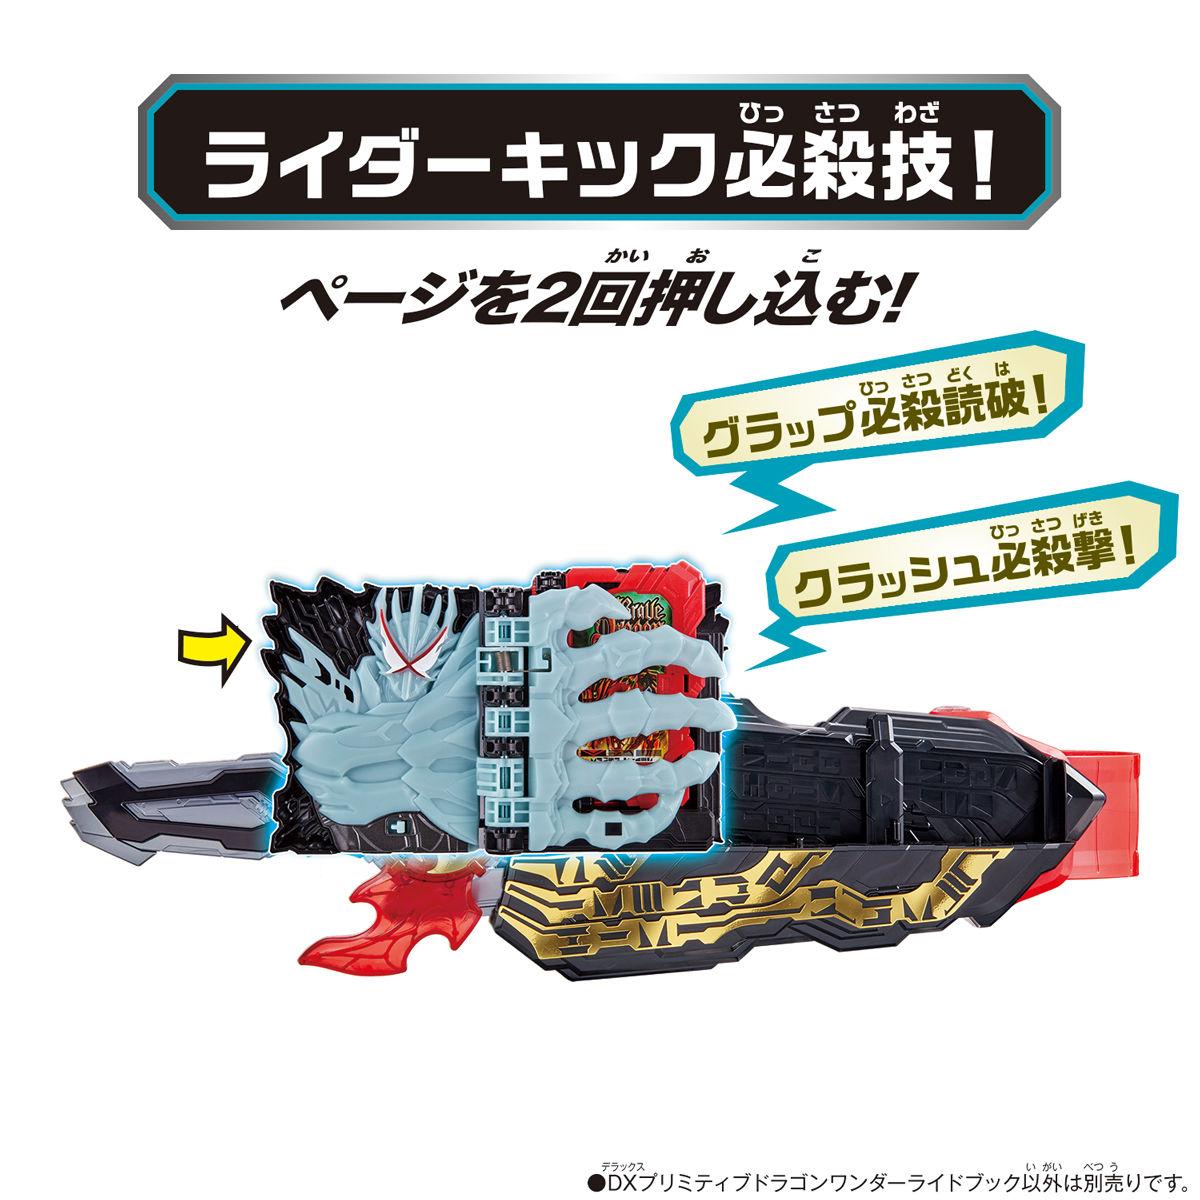 仮面ライダーセイバー『DXプリミティブドラゴンワンダーライドブック』変身なりきり-007